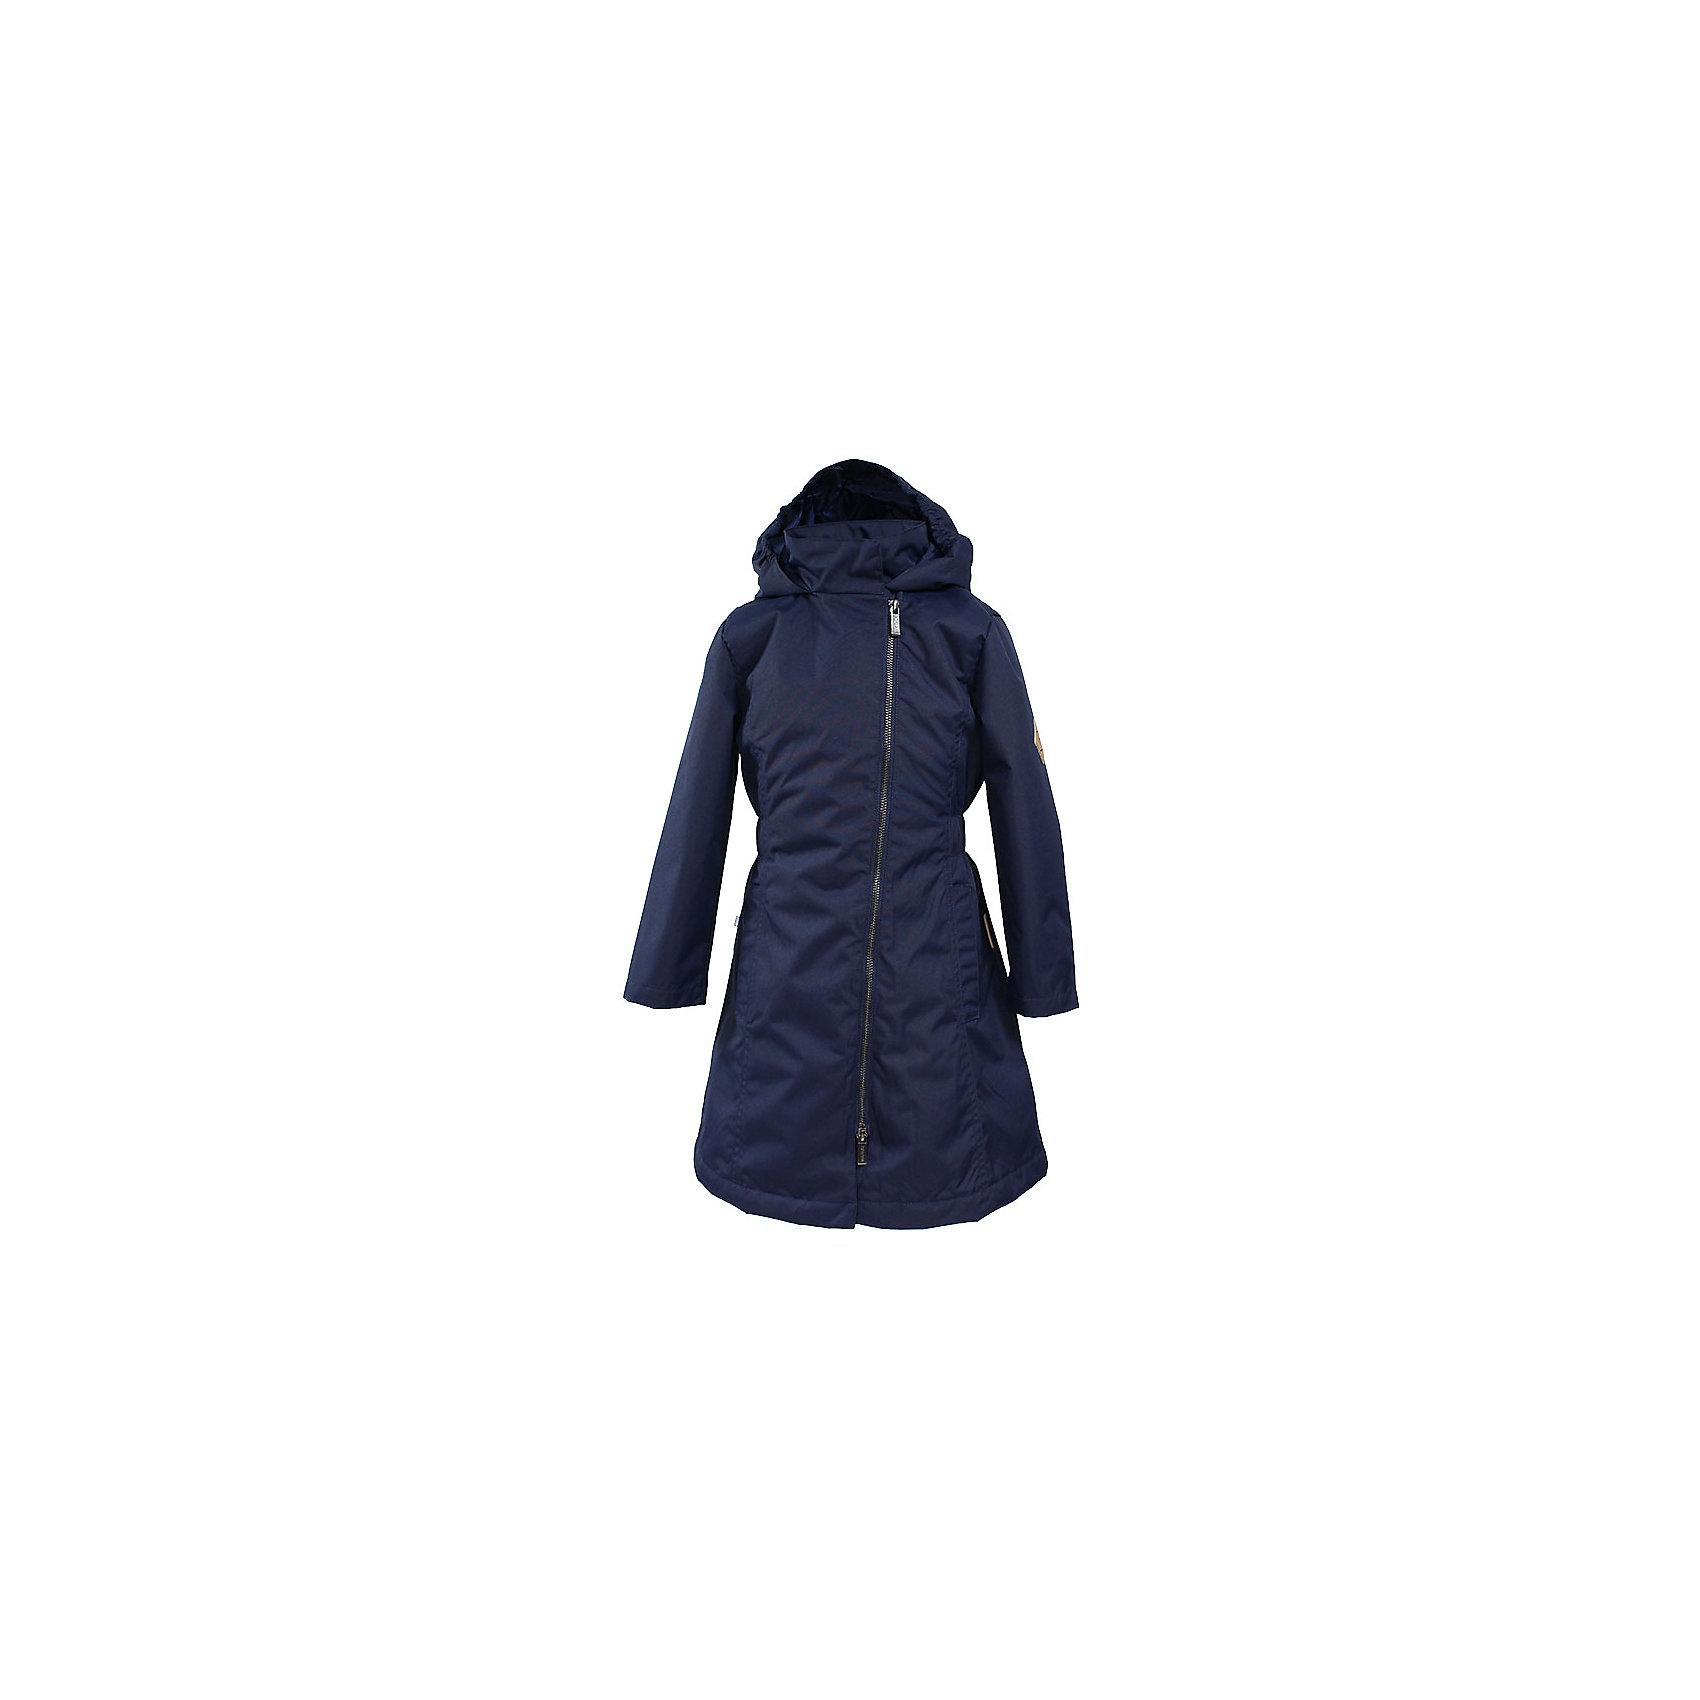 Пальто для девочки LUISA HuppaВерхняя одежда<br>Характеристики товара:<br><br>• цвет: тёмно-синий<br>• состав: 100% полиэстер (подкладка - тафта)<br>• утеплитель: 40 г<br>• температурный режим: от 0°С до +10°С<br>• водонепроницаемость: 10000 мм<br>• воздухопроницаемость: 10000 мм<br>• светоотражающие детали<br>• плечевые швы проклеены<br>• молния<br>• съёмный капюшон с резинкой<br>• приталенный силуэт<br>• прорезные карманы<br>• комфортная посадка<br>• коллекция: весна-лето 2017<br>• страна бренда: Эстония<br><br>Это красивое пальто обеспечит детям тепло и комфорт. Оно сделано из материала, отталкивающего воду, и дополнено подкладкой с утеплителем, поэтому изделие идеально подходит для межсезонья. Для удобства надевания сделана длинная молния. Пальто очень симпатично смотрится, яркая расцветка и крой добавляют ему оригинальности. Модель была разработана специально для детей.<br><br>Одежда и обувь от популярного эстонского бренда Huppa - отличный вариант одеть ребенка можно и комфортно. Вещи, выпускаемые компанией, качественные, продуманные и очень удобные. Для производства изделий используются только безопасные для детей материалы. Продукция от Huppa порадует и детей, и их родителей!<br><br>Пальто для девочки LUISA от бренда Huppa (Хуппа) можно купить в нашем интернет-магазине.<br><br>Ширина мм: 356<br>Глубина мм: 10<br>Высота мм: 245<br>Вес г: 519<br>Цвет: синий<br>Возраст от месяцев: 48<br>Возраст до месяцев: 60<br>Пол: Женский<br>Возраст: Детский<br>Размер: 110,170,116,122,128,134,140,146,152,158,164<br>SKU: 5346392